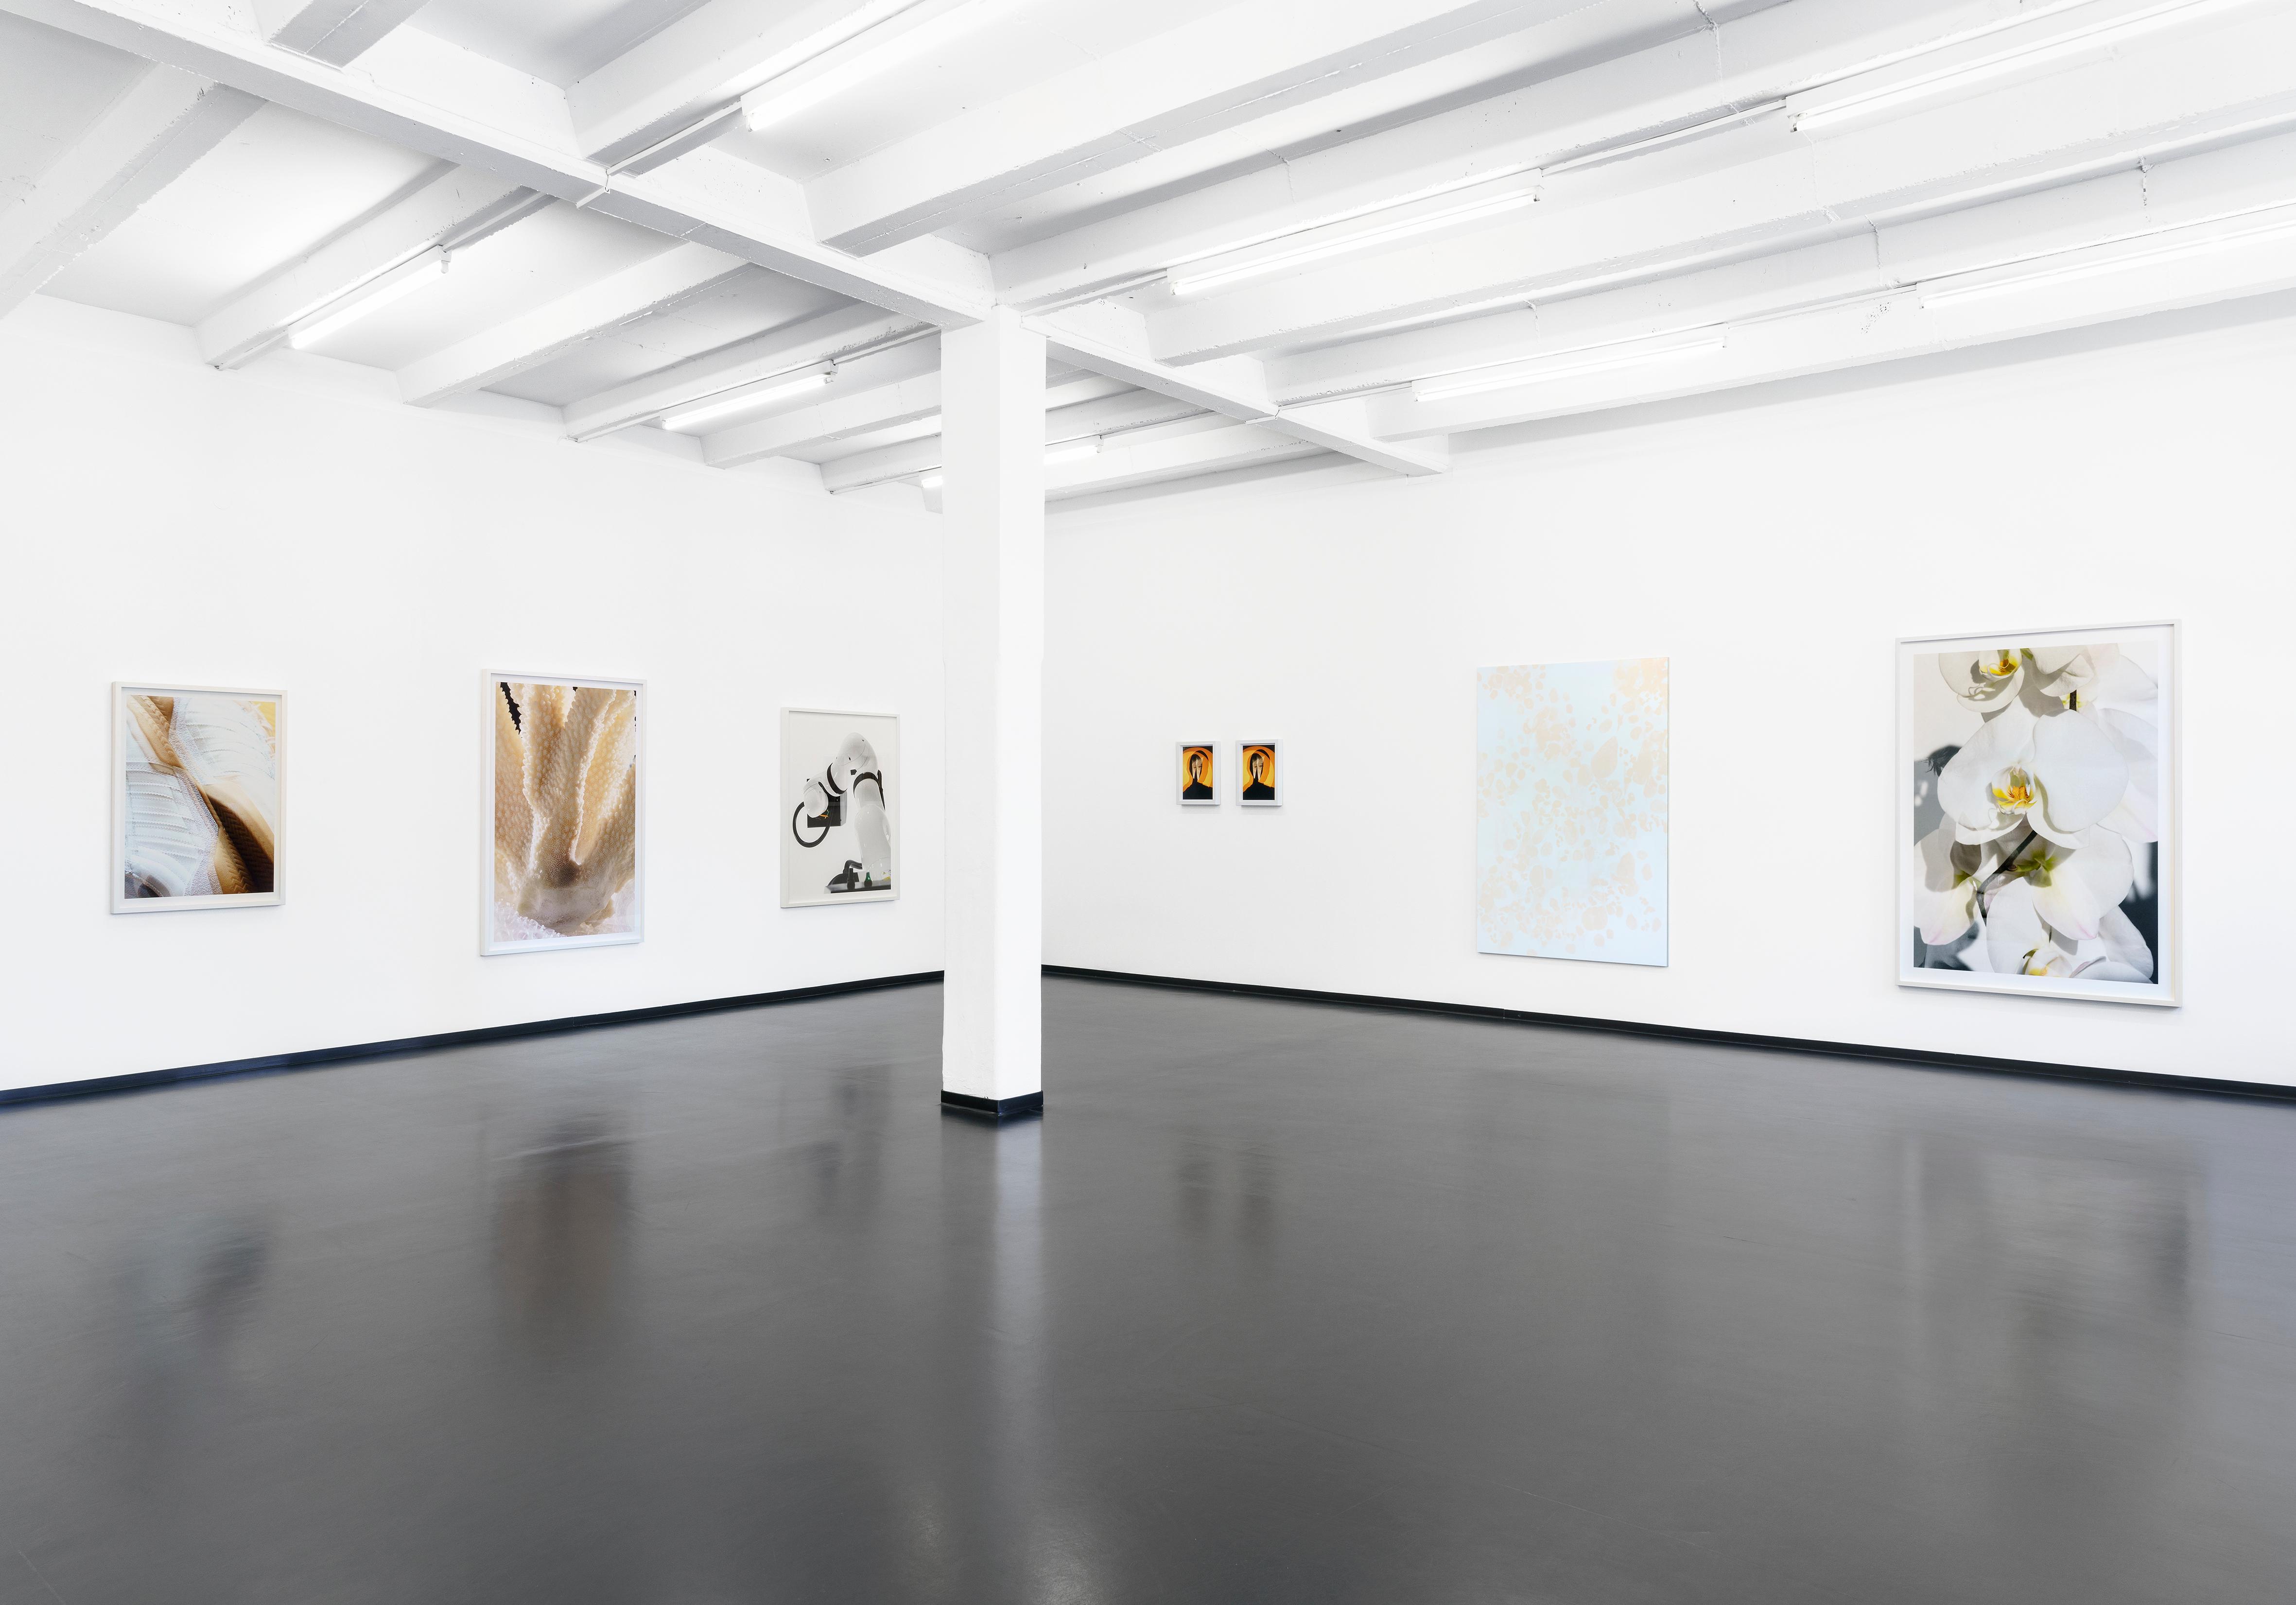 Installation view, James Tunks - Bleach, Galerie Wilma Tolksdorf